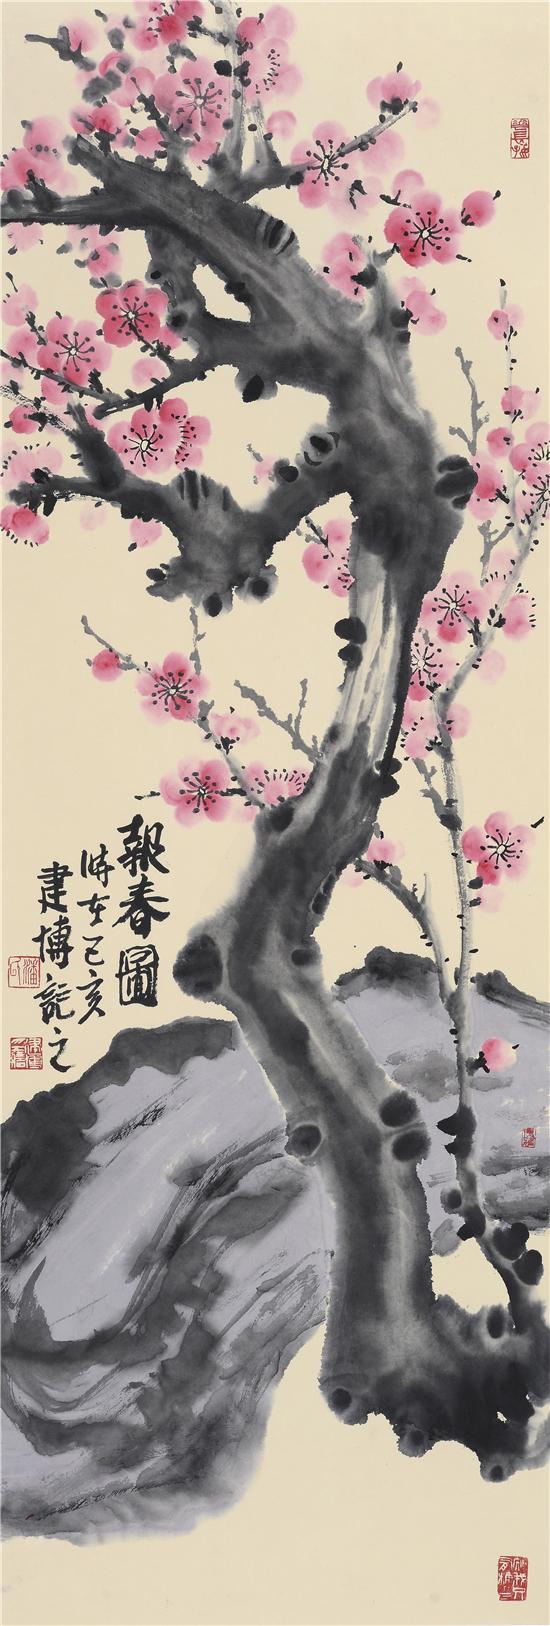 万恒艺术·发现--潘建博国画精品展